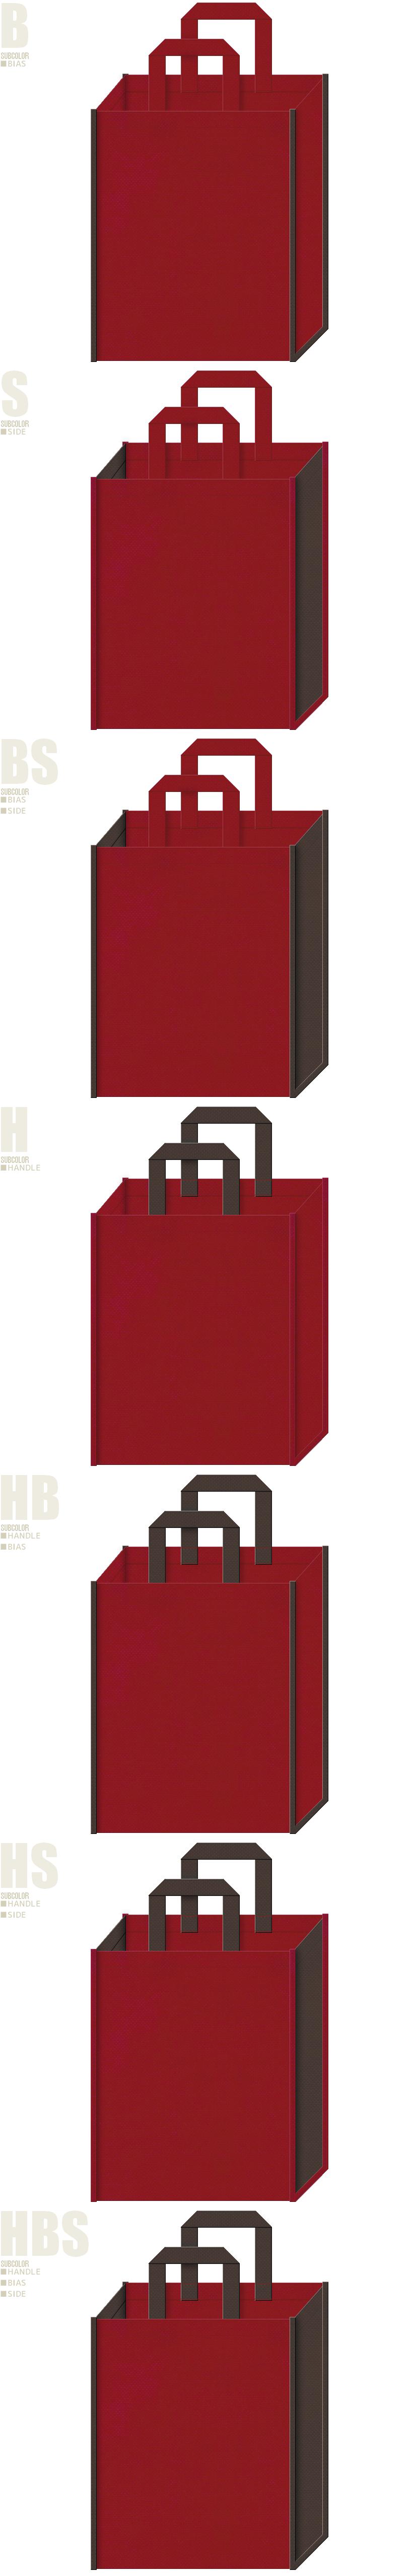 エンジ色とこげ茶色、7パターンの不織布トートバッグ配色デザイン例。邦楽の演奏会・クラッシックコンサート・舞踏会にお奨めです。